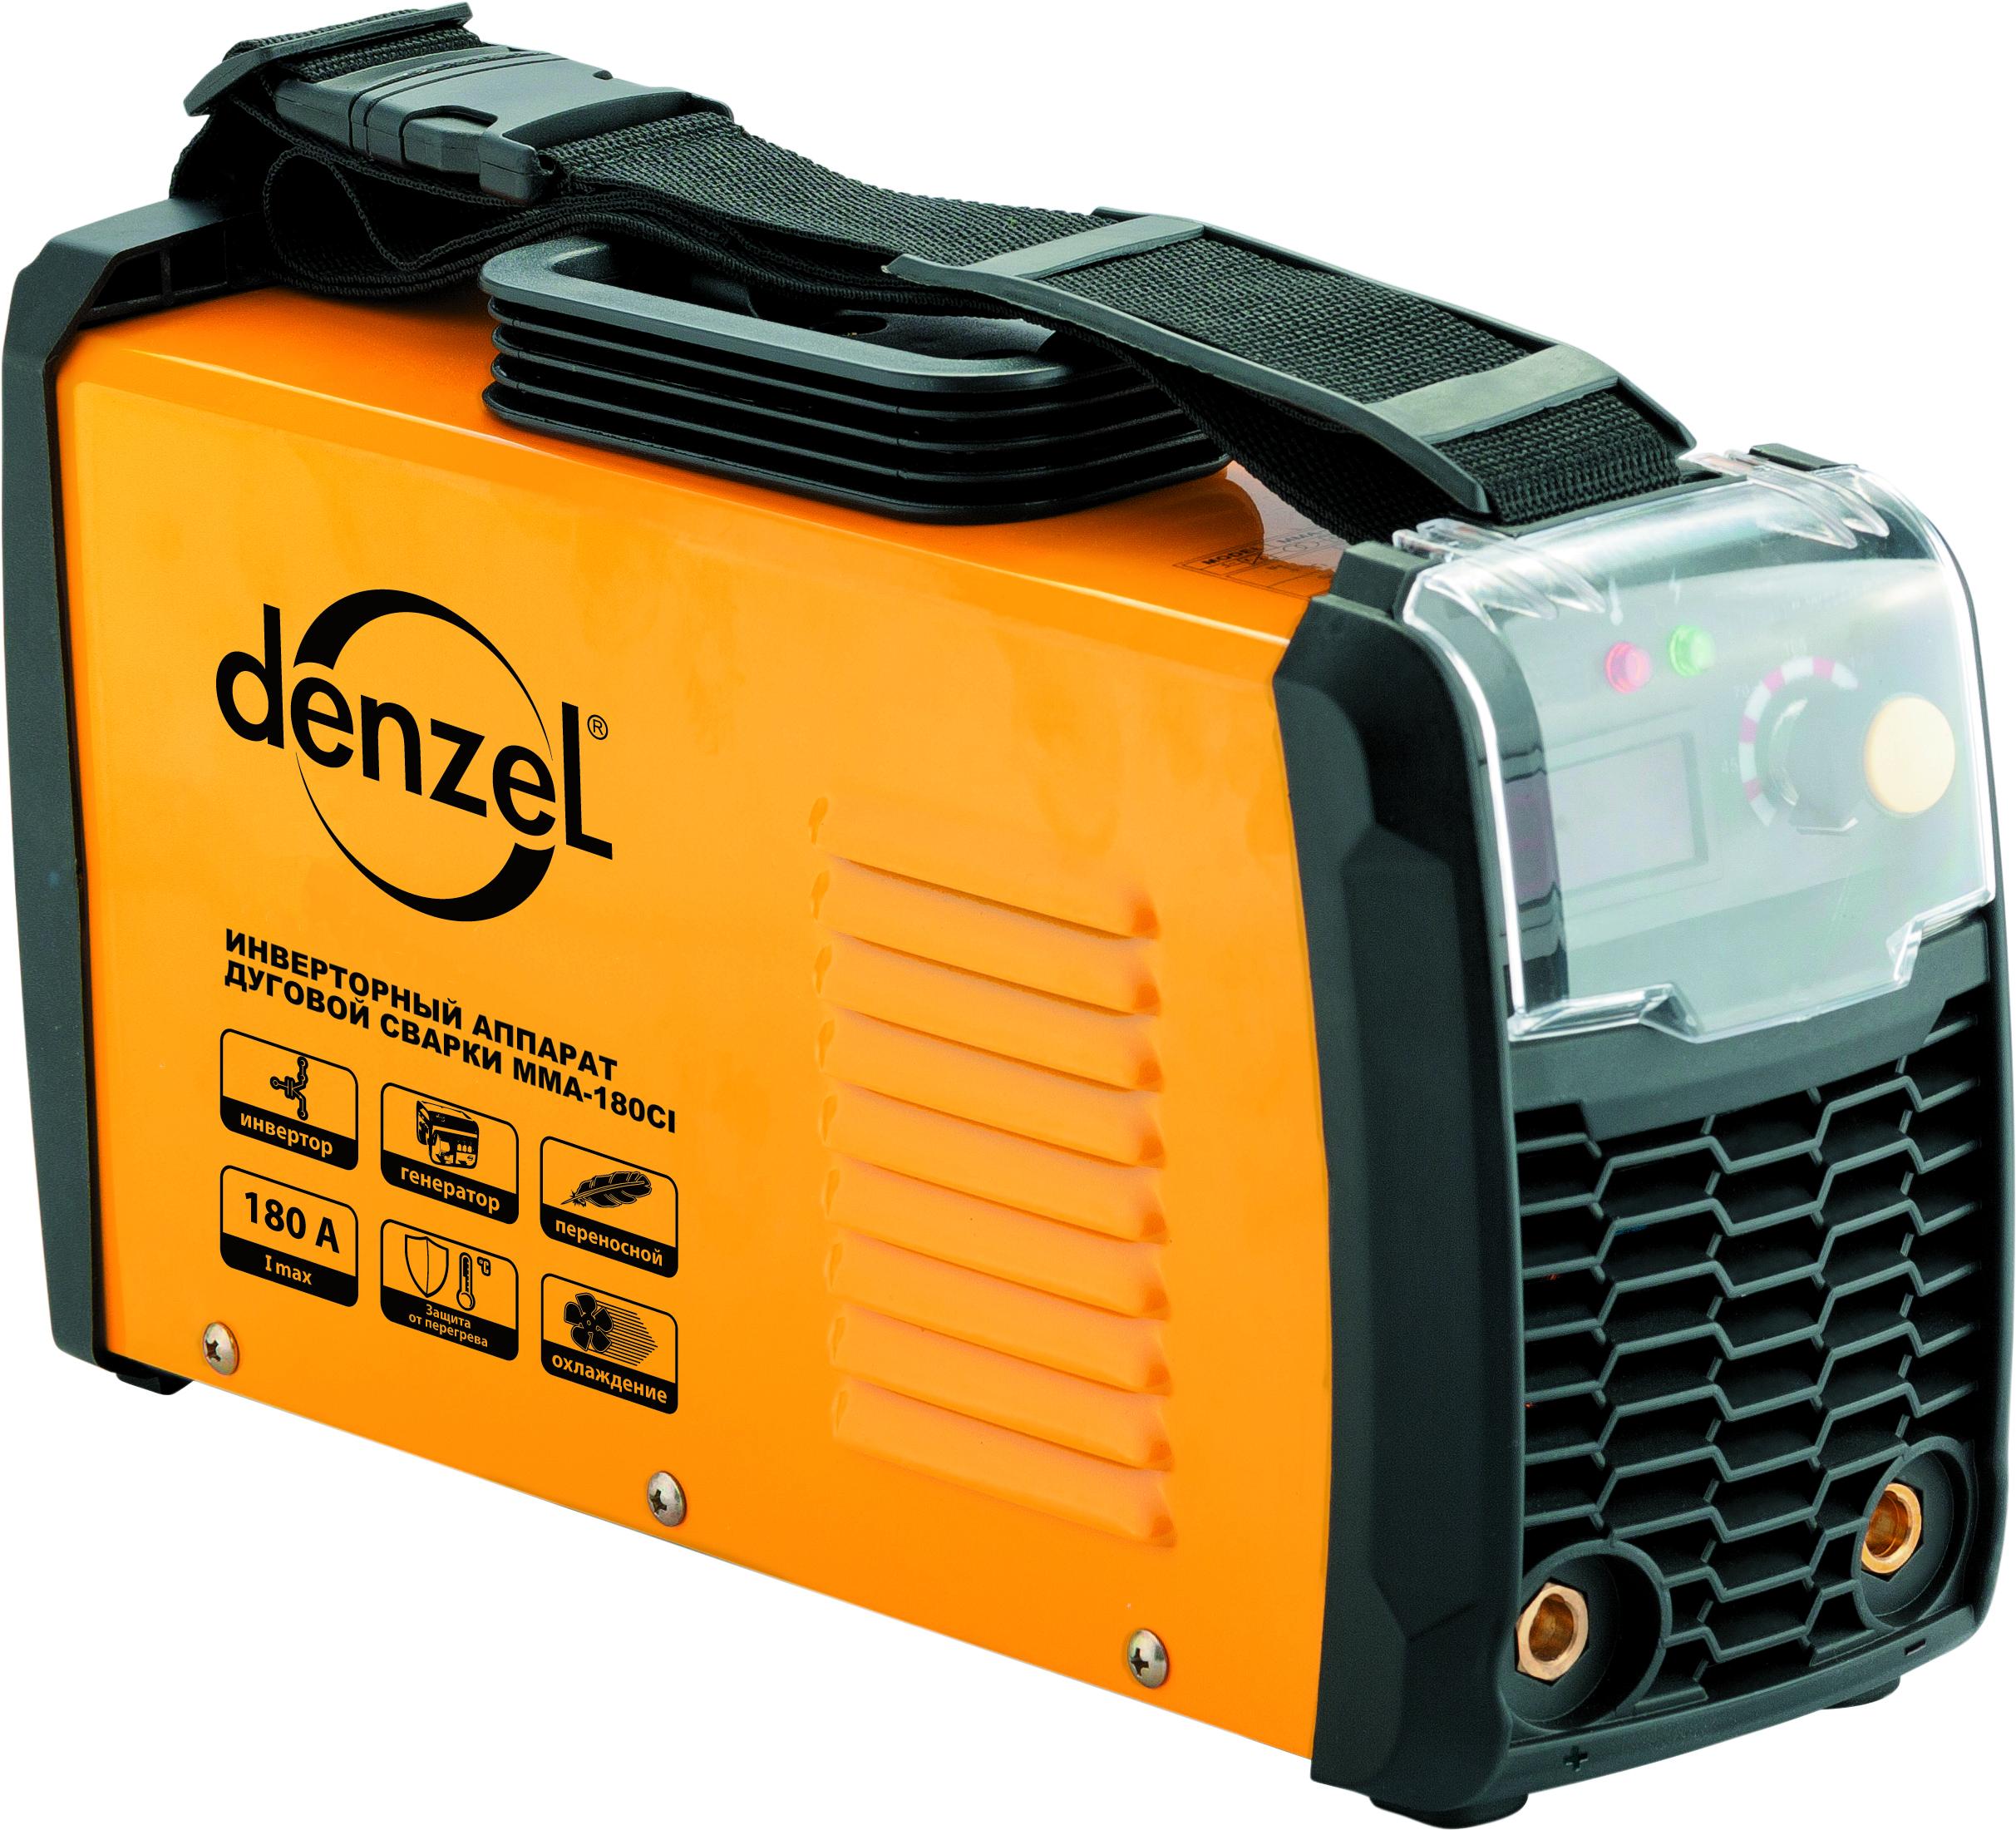 Сварочный аппарат Denzel ММА-180ci